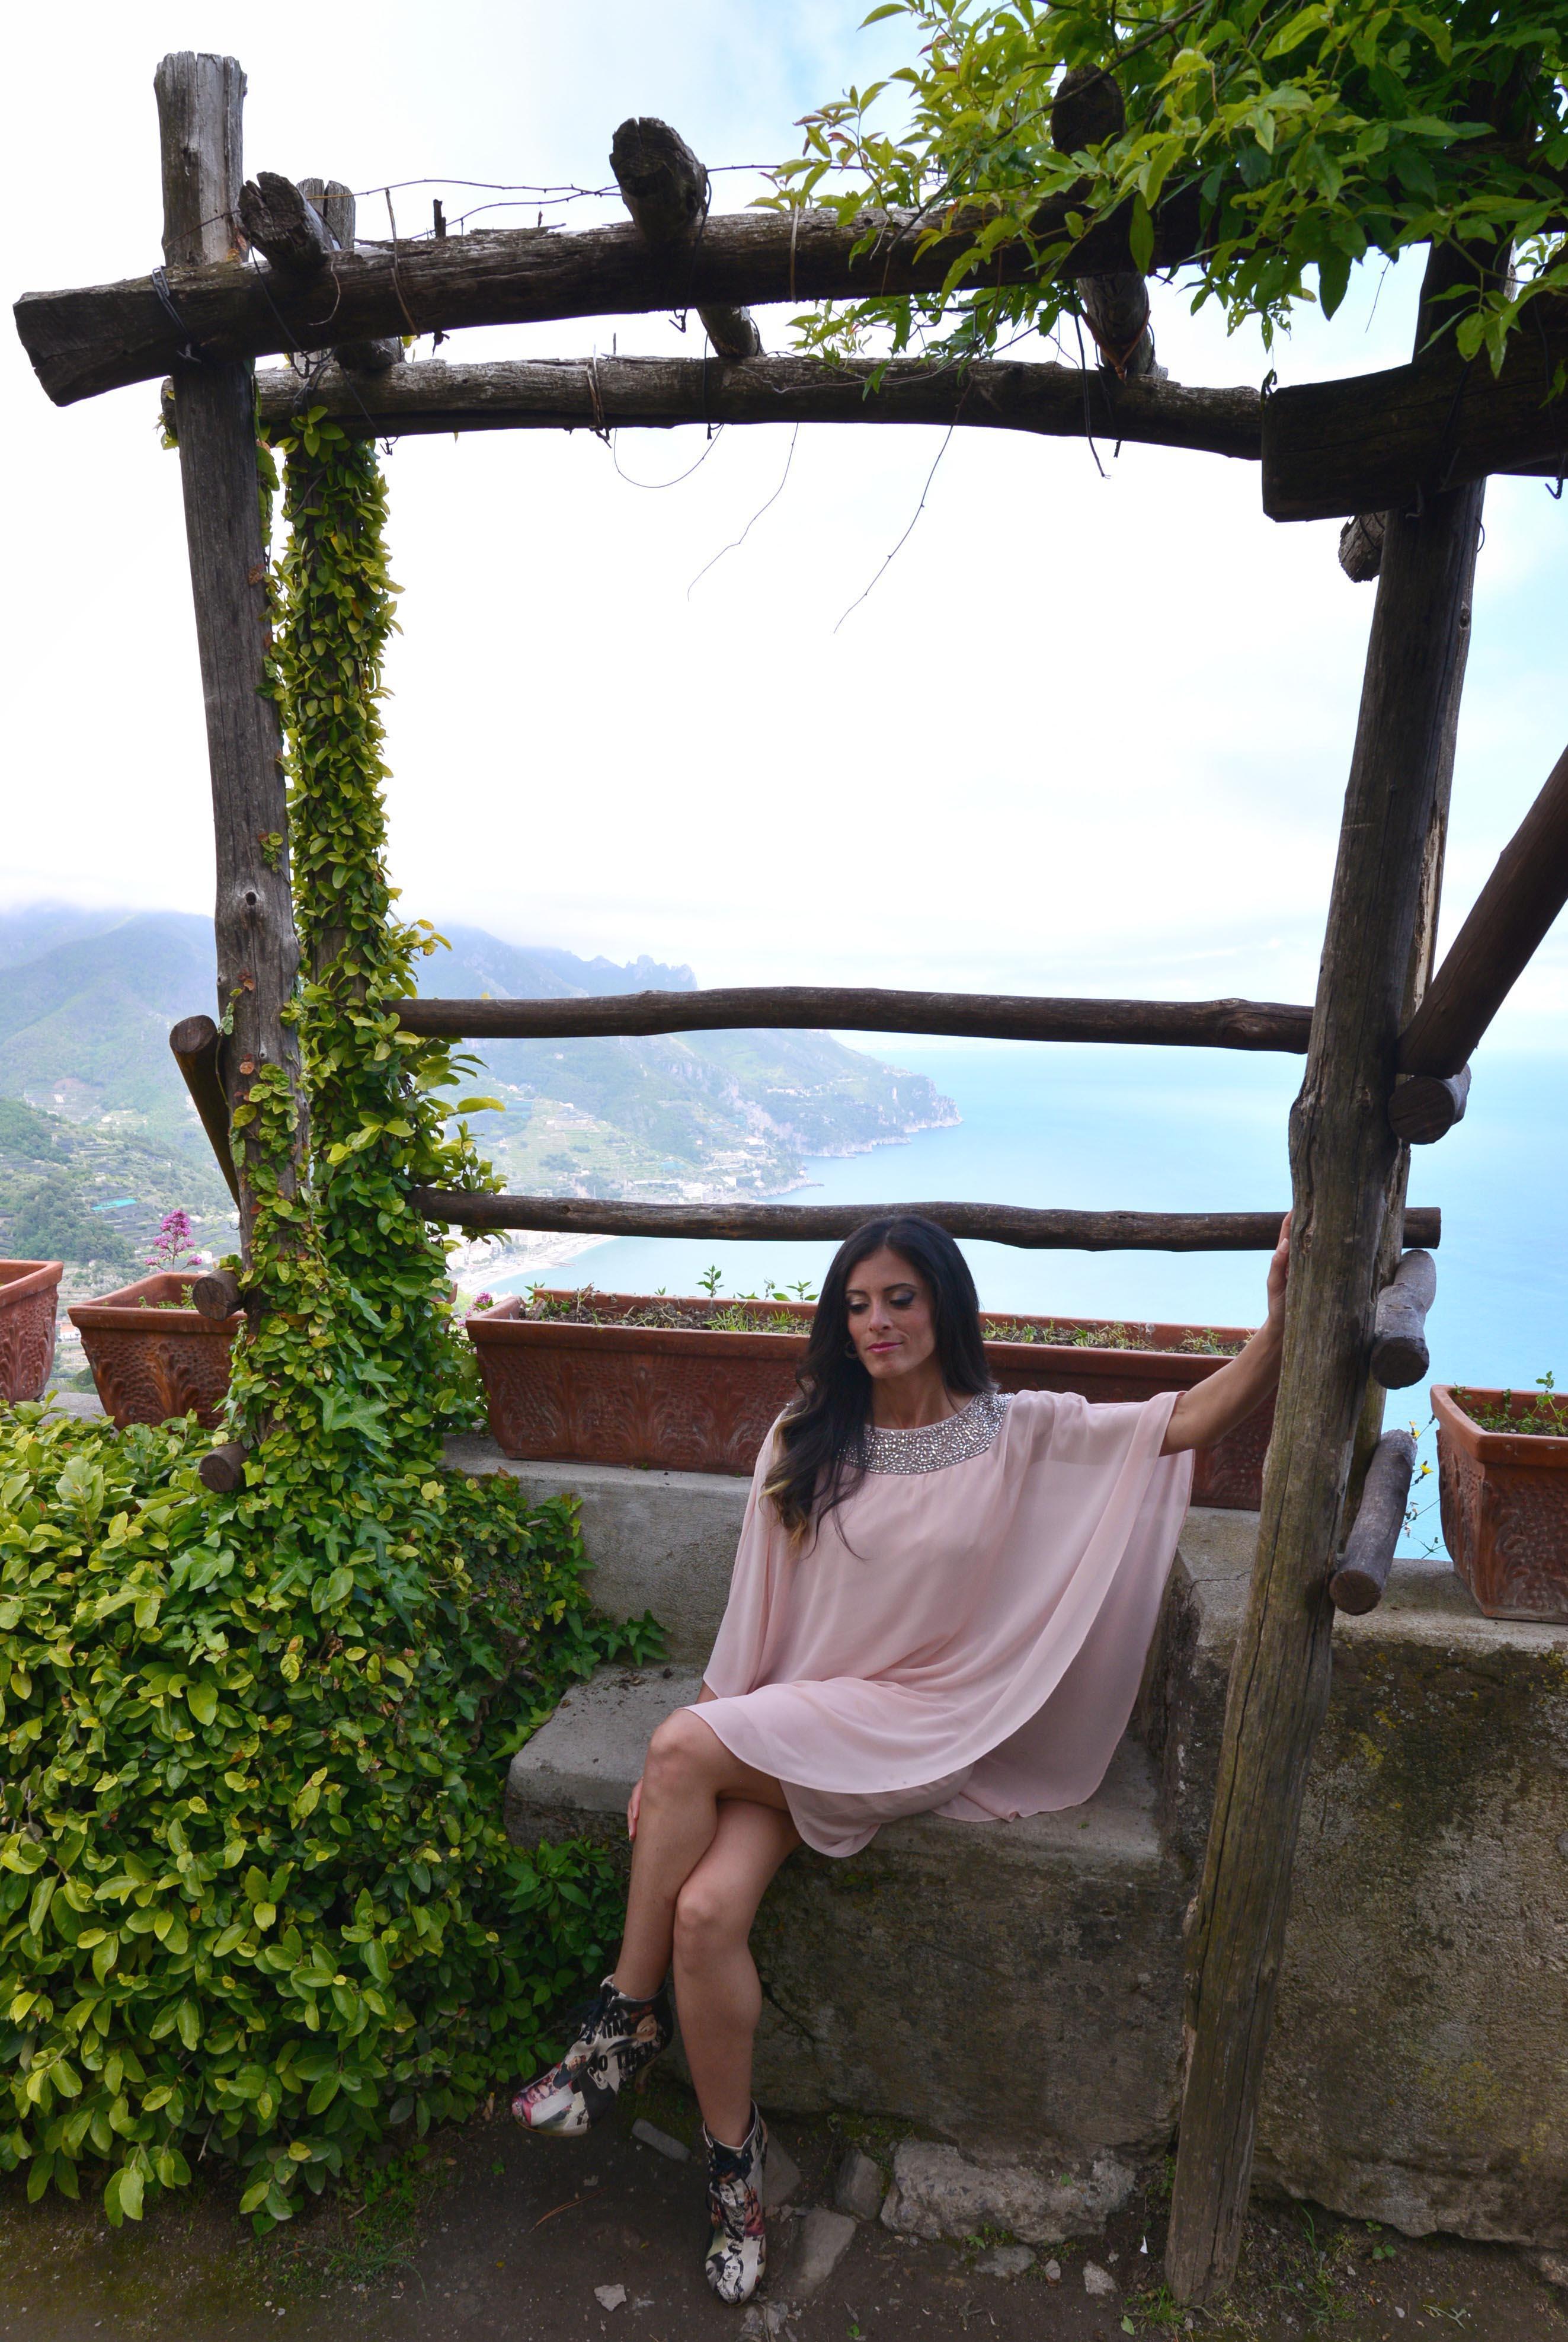 At Villa Rufolo